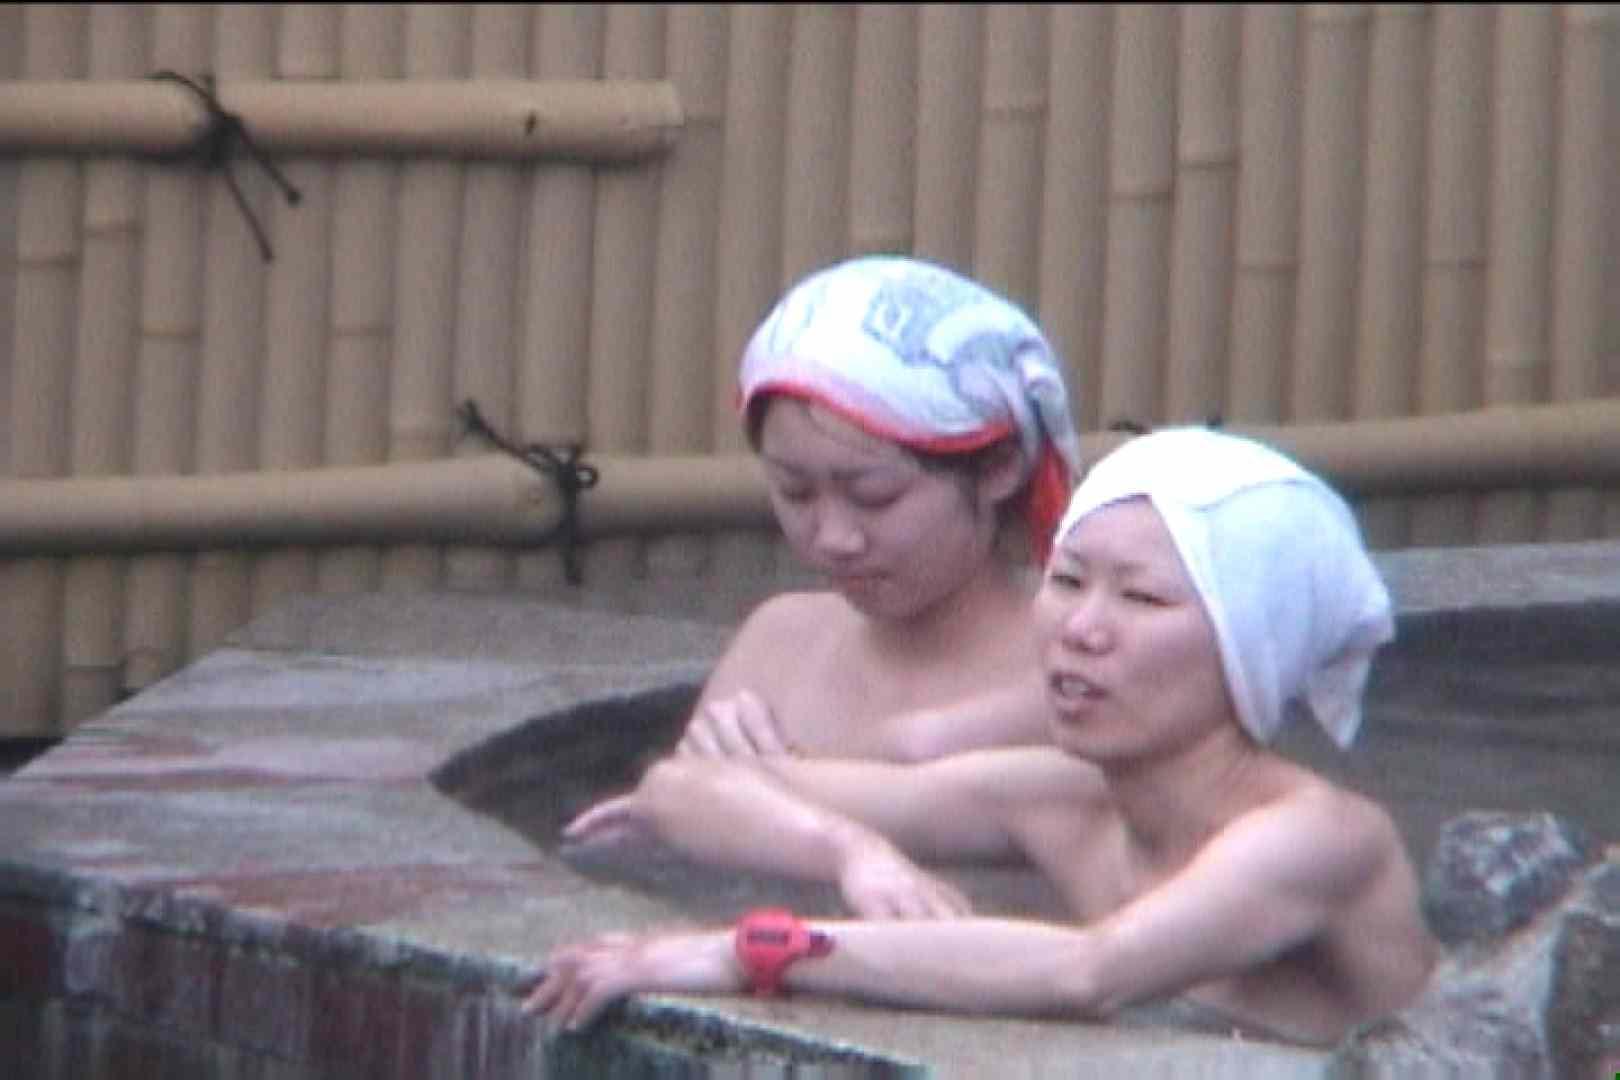 Aquaな露天風呂Vol.91【VIP限定】 OLエロ画像 | 露天  104PICs 40